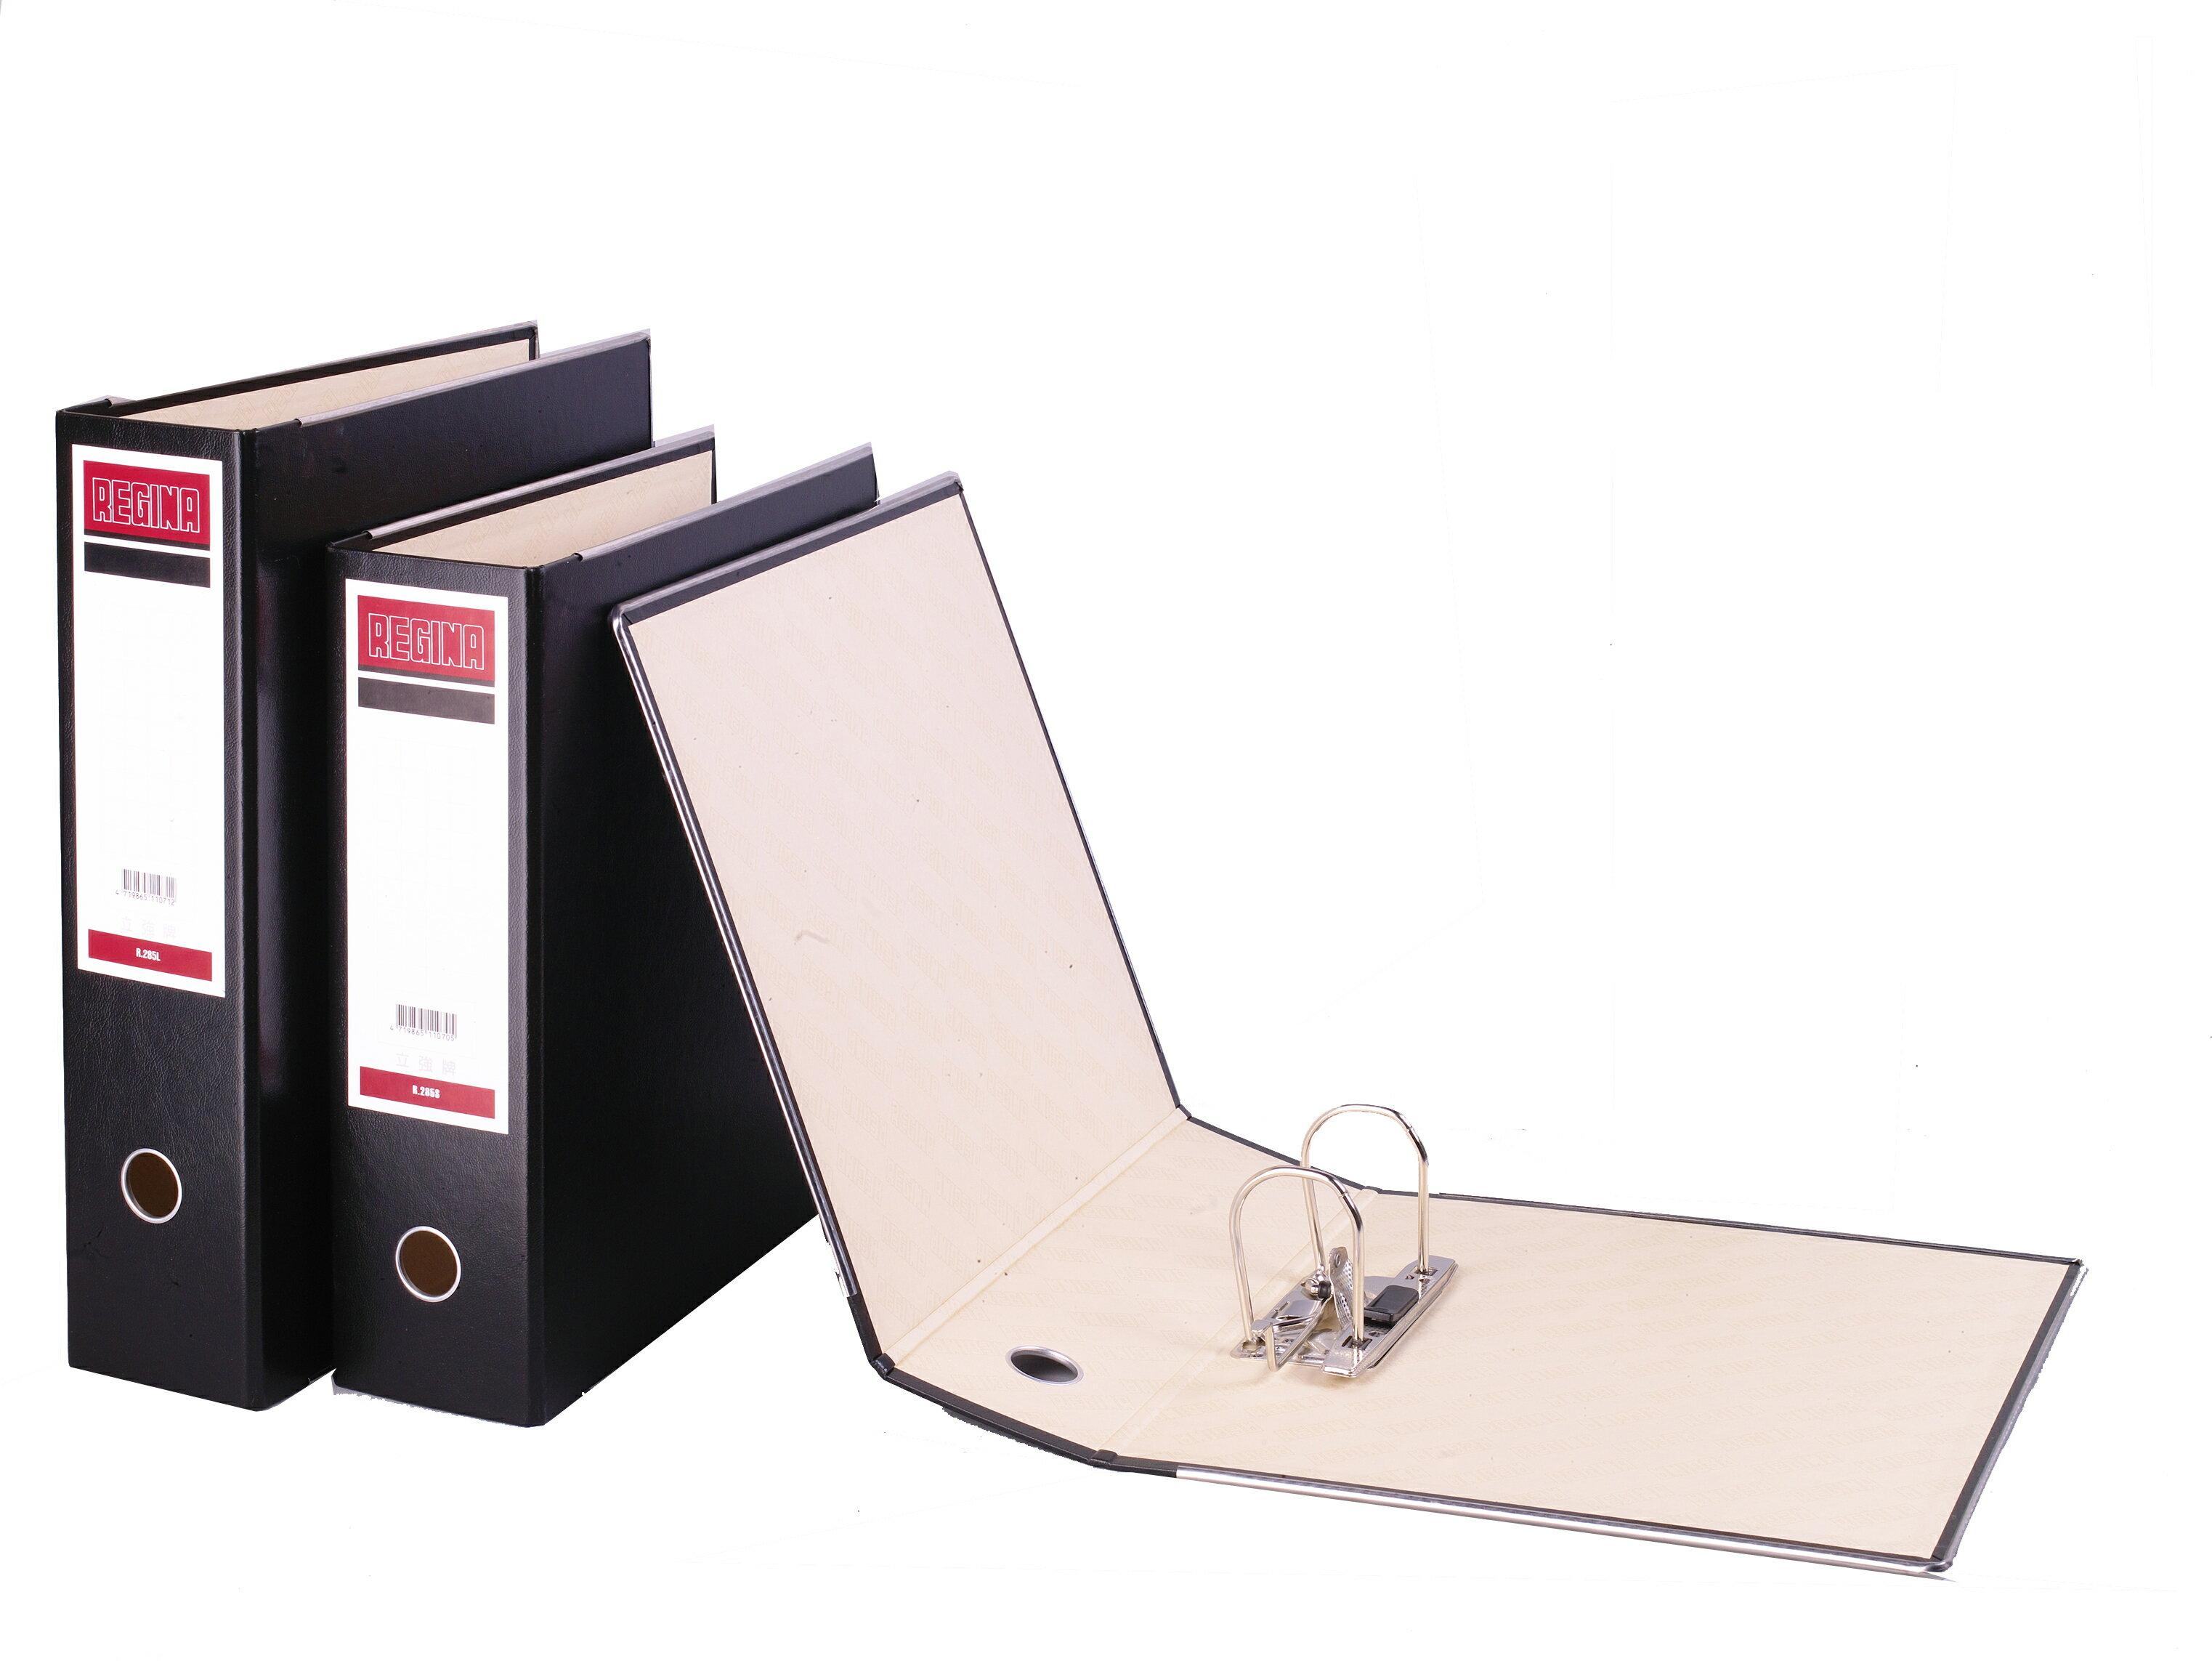 【立強regina】R285S西式 (12入/箱) 2孔拱型夾 - PVC材質(不含塑化劑)